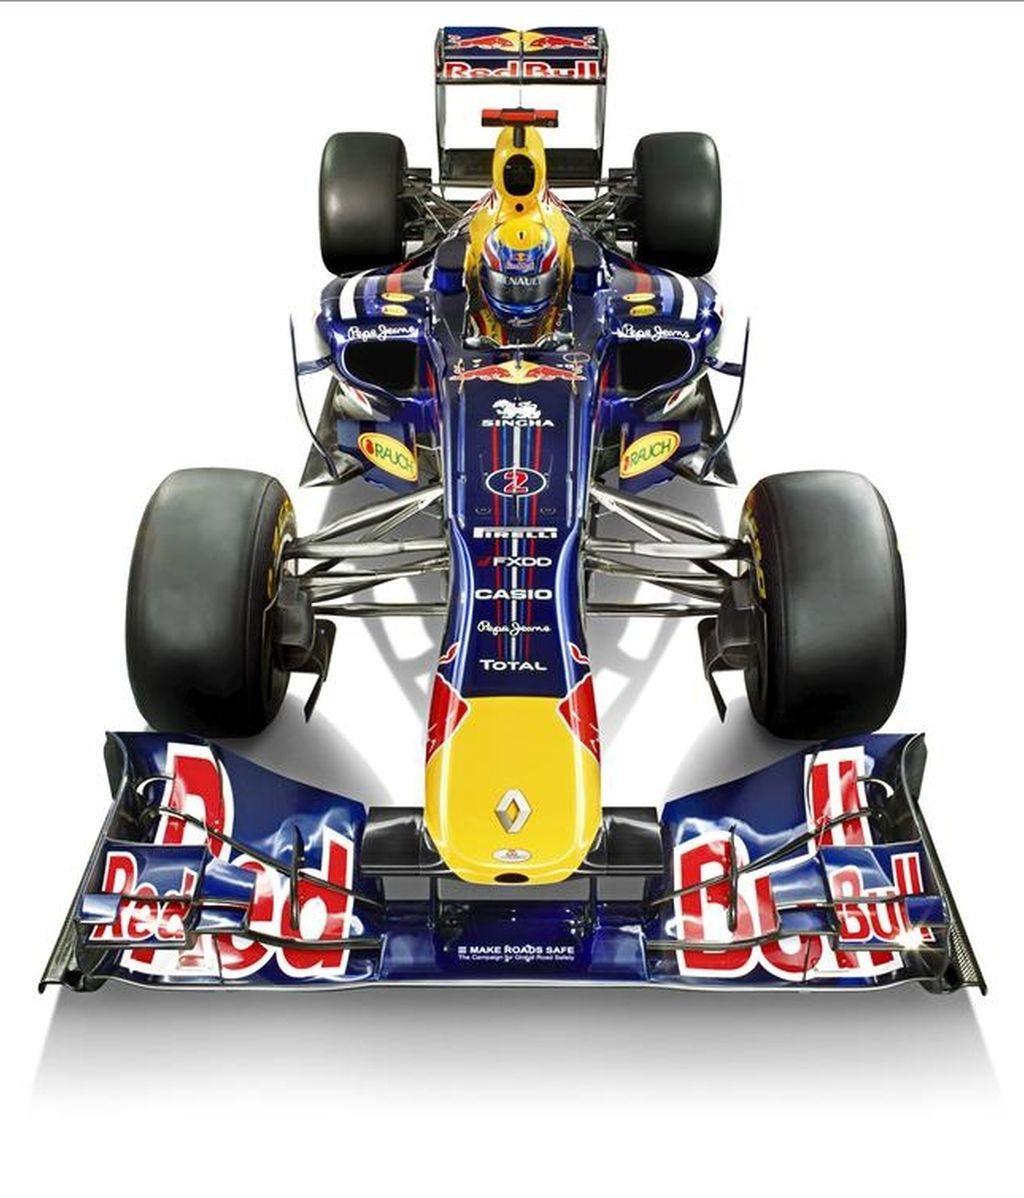 Fotografía facilitada hoy martes 1 de febrero de 2011 por la escudería Red Bull de su nuevo monoplaza RB7. El equipo austríaco Red Bull presentó hoy en Cheste (Valencia), el nuevo monoplaza diseñado por Adrian Newey y que volverán a pilotar el alemán Sebastian Vettel y el australiano Mark Weber. EFE